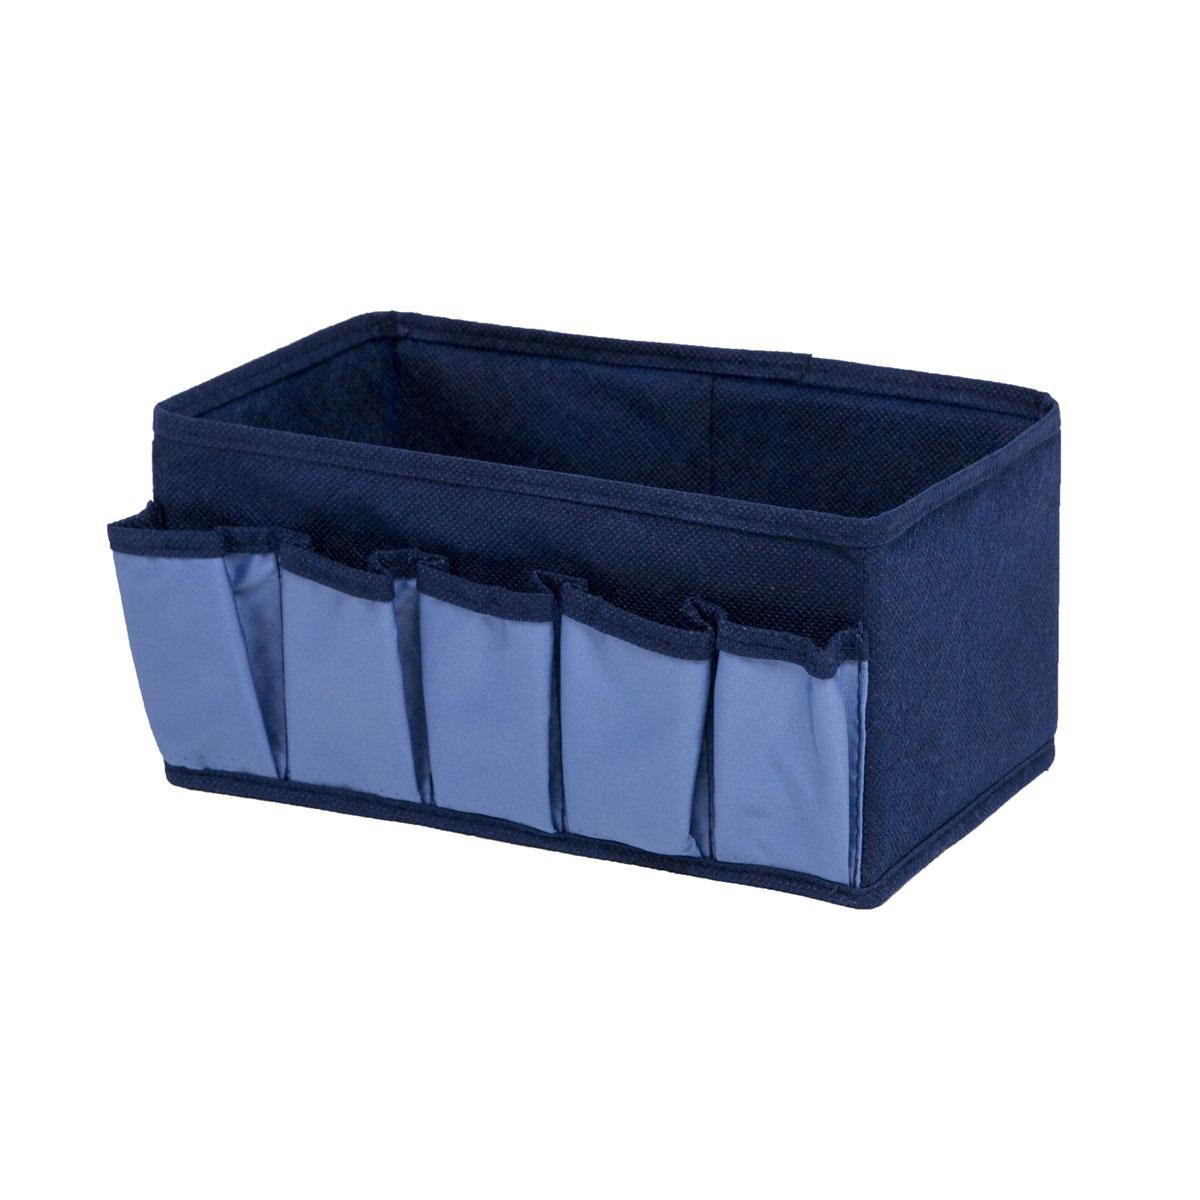 Органайзер для хранения косметики и мелочей Homsu Bluе Sky, 25 х 15 х 12 смHOM-55Органайзер Homsu Bluе Sky выполнен из полиэстера и предназначена для хранения вещей. Изделие защитит вещи от повреждений, пыли, влаги и загрязнений во время хранения и транспортировки. Органайзер идеально подходит для хранения детских вещей и игрушек. Жесткий каркас из плотного толстого картона обеспечивает устойчивость конструкции. Размер: 25 х 15 х 12 см.